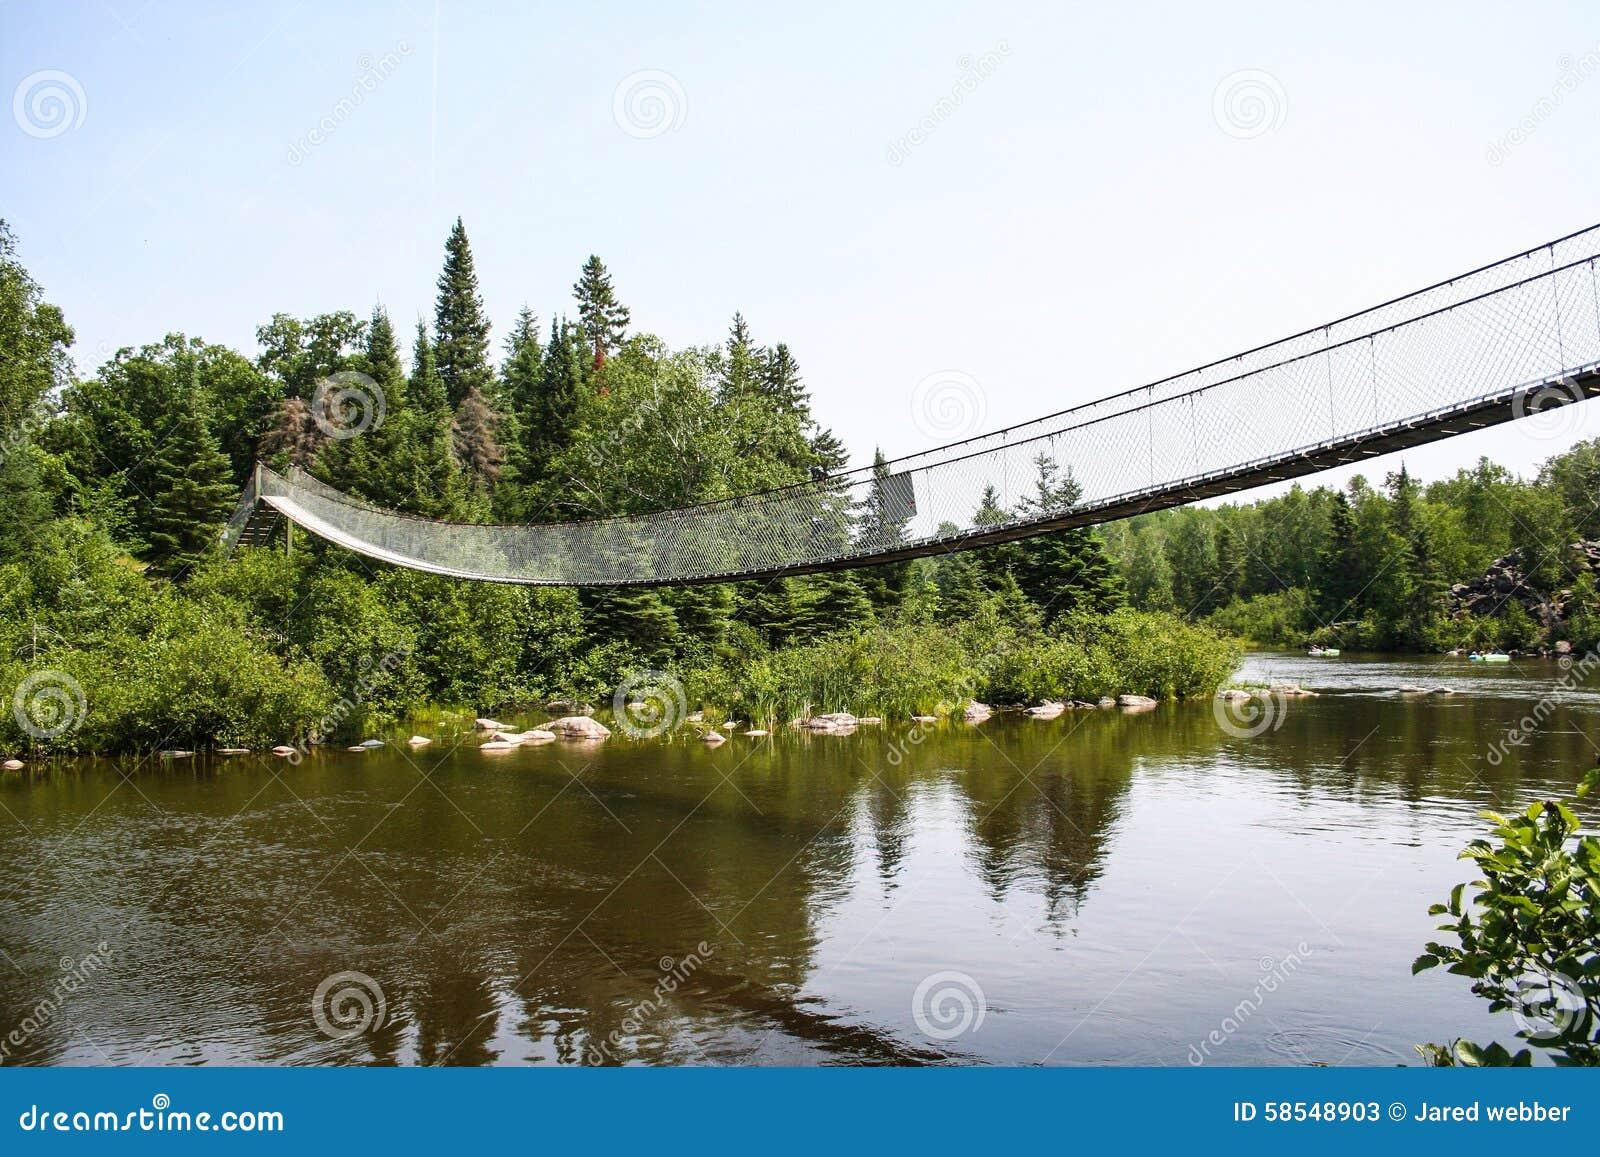 Bridge dam swinging